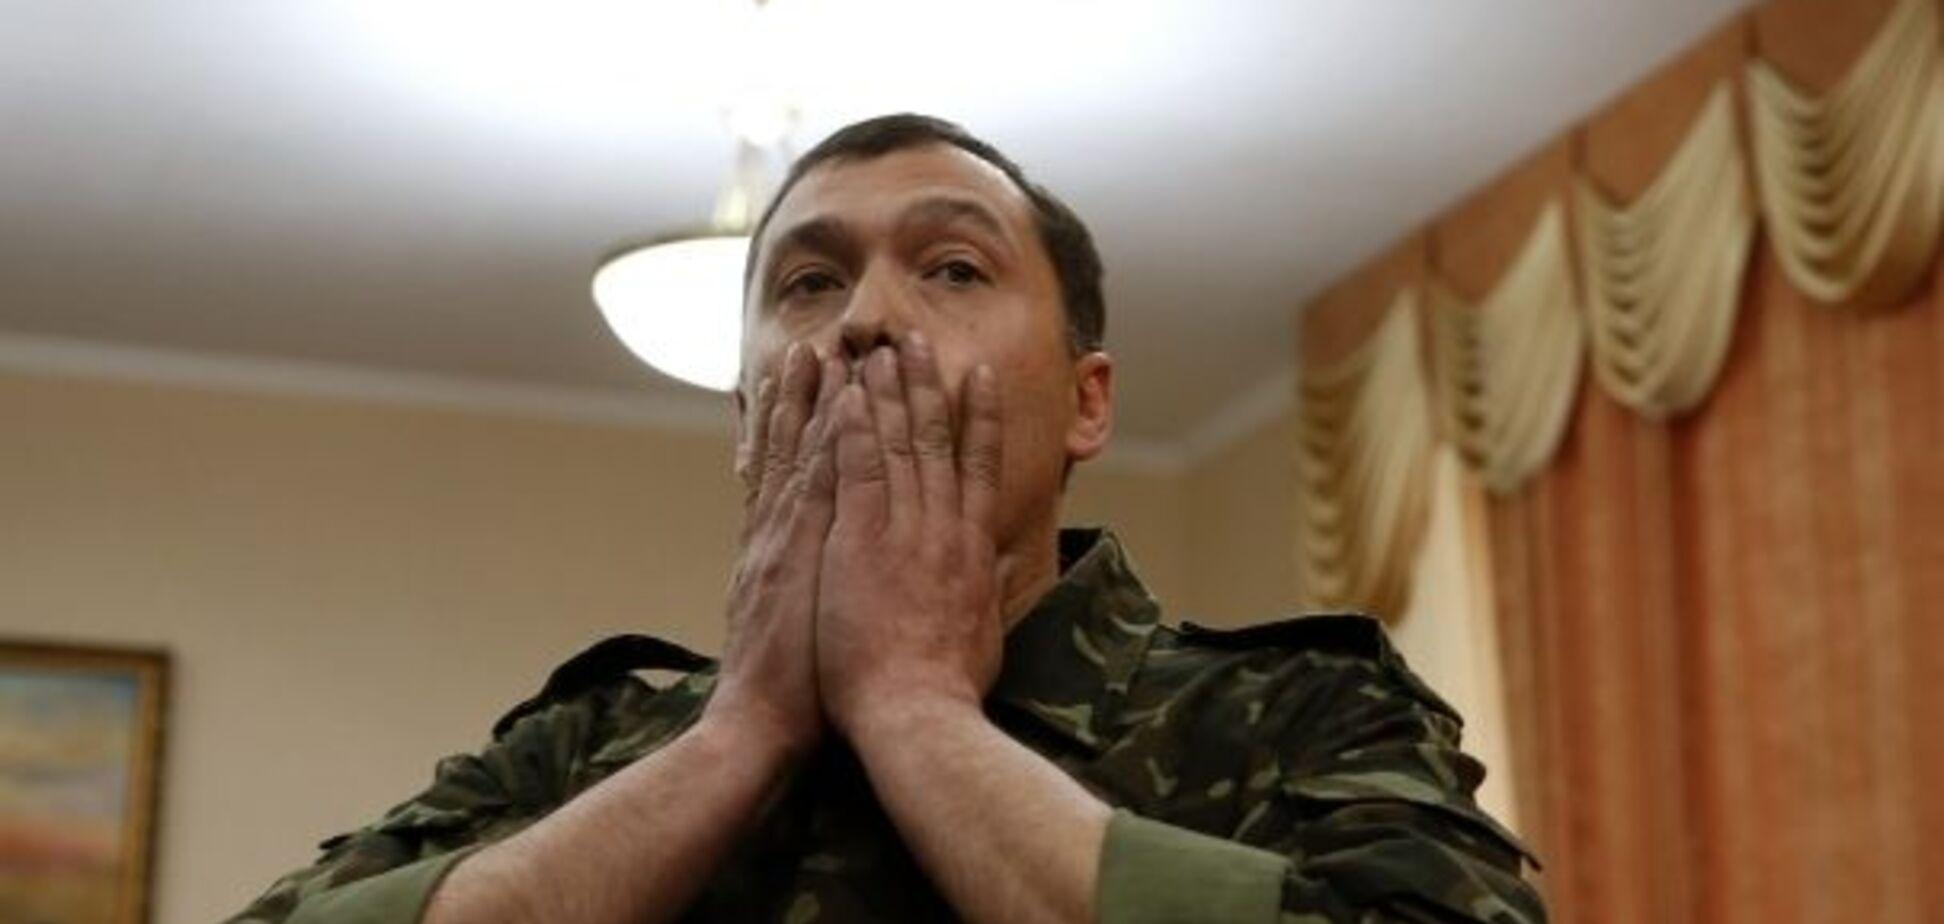 Банальне вбивство: екс-ватажка 'ЛНР' Болотова отруїли террористи